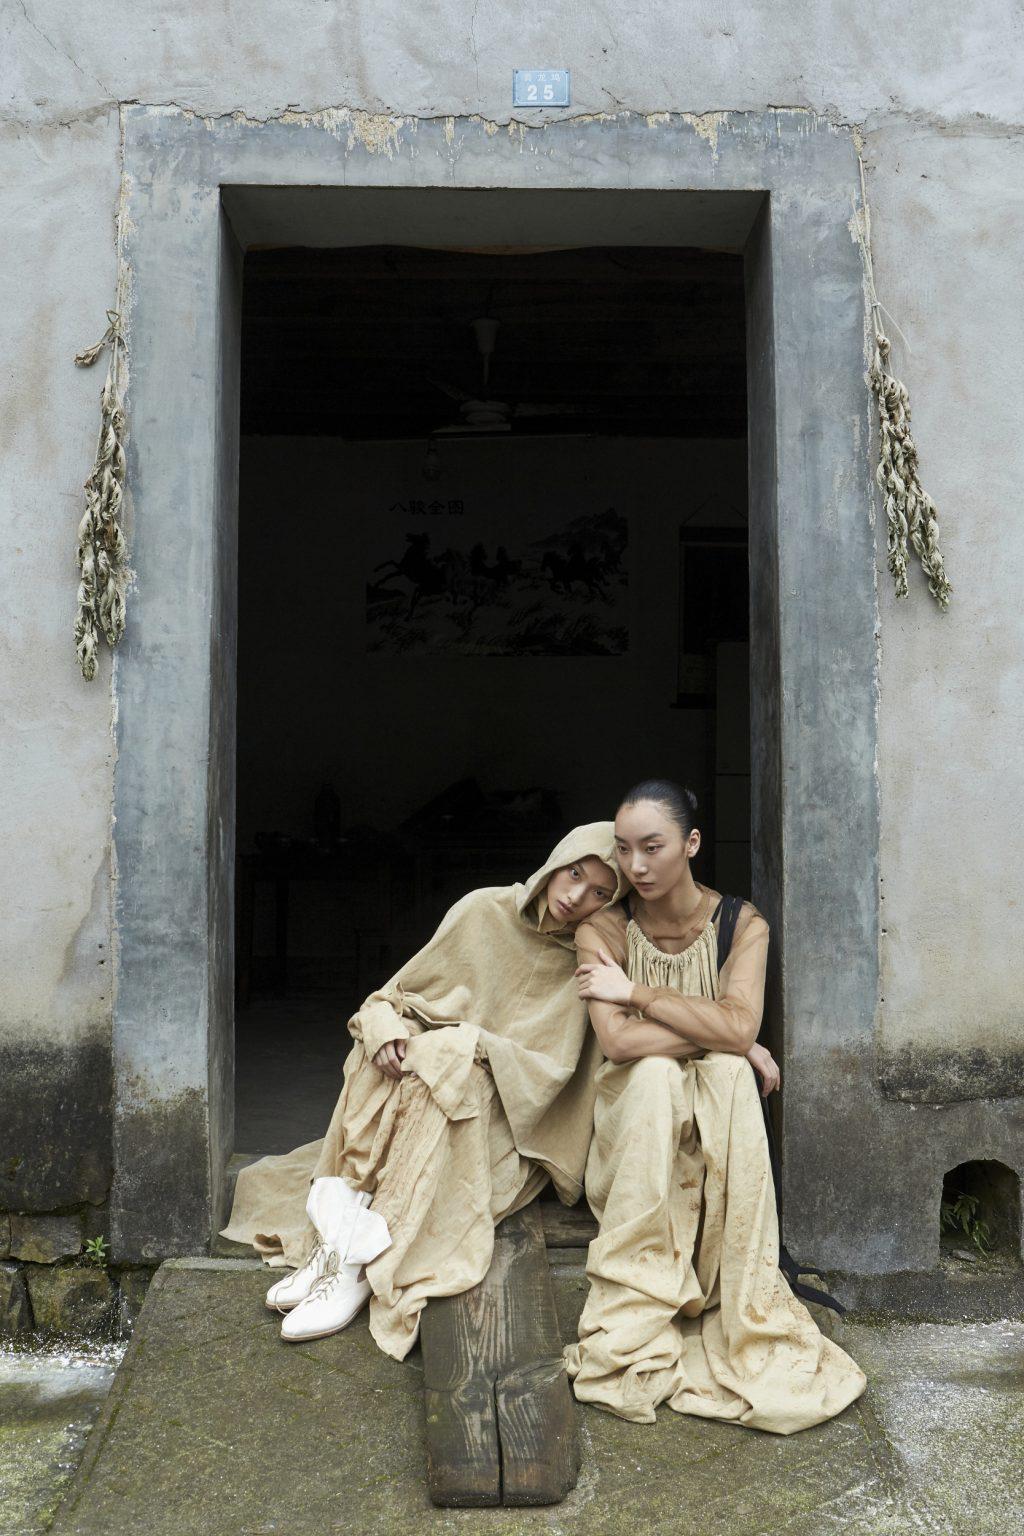 viaggio-in-cinatrip-in-china-7